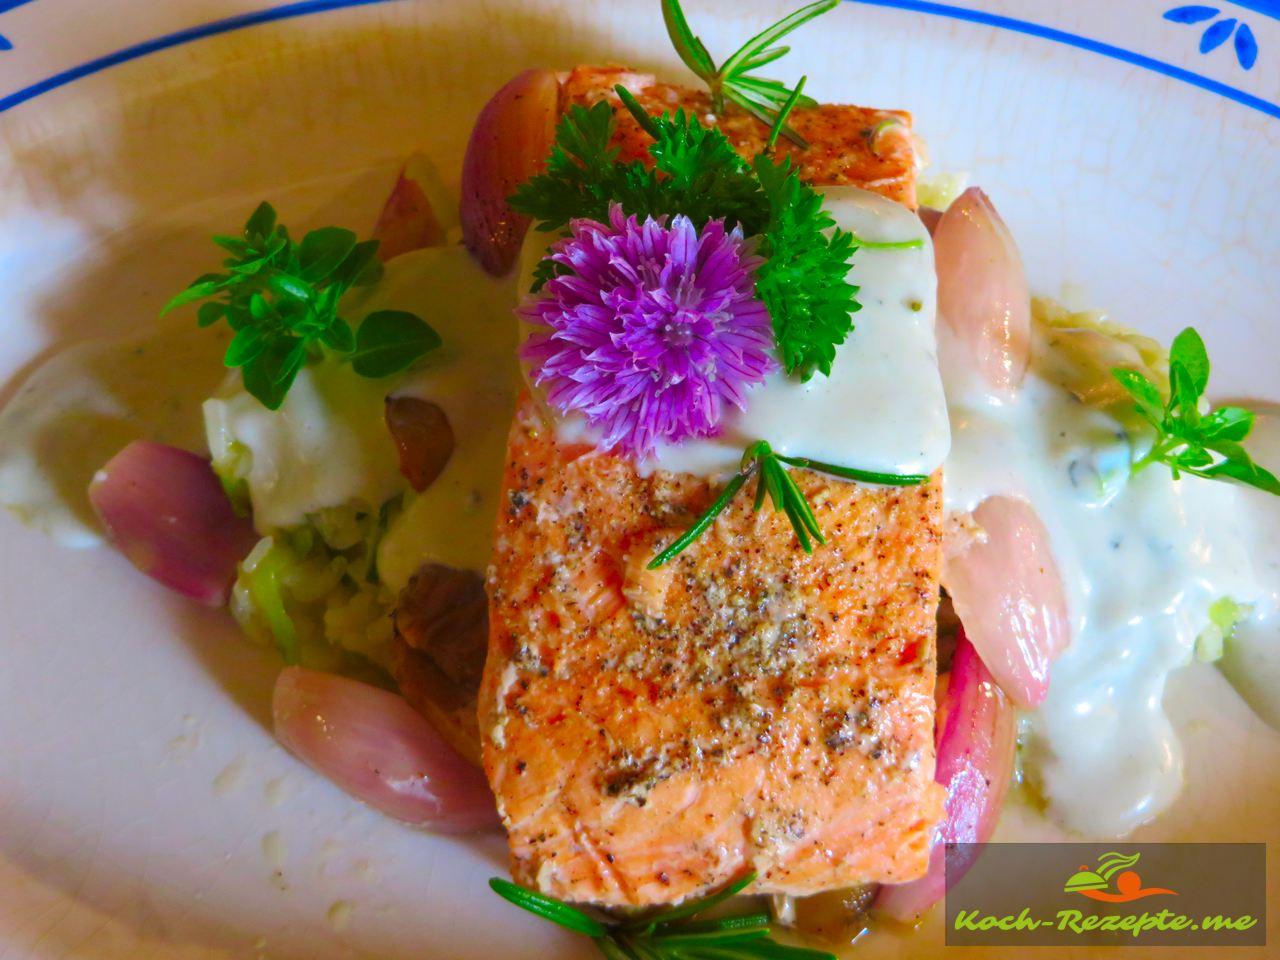 Lachspäckchen mit Reis Risotto-Zucchini und Roquefort Sauce